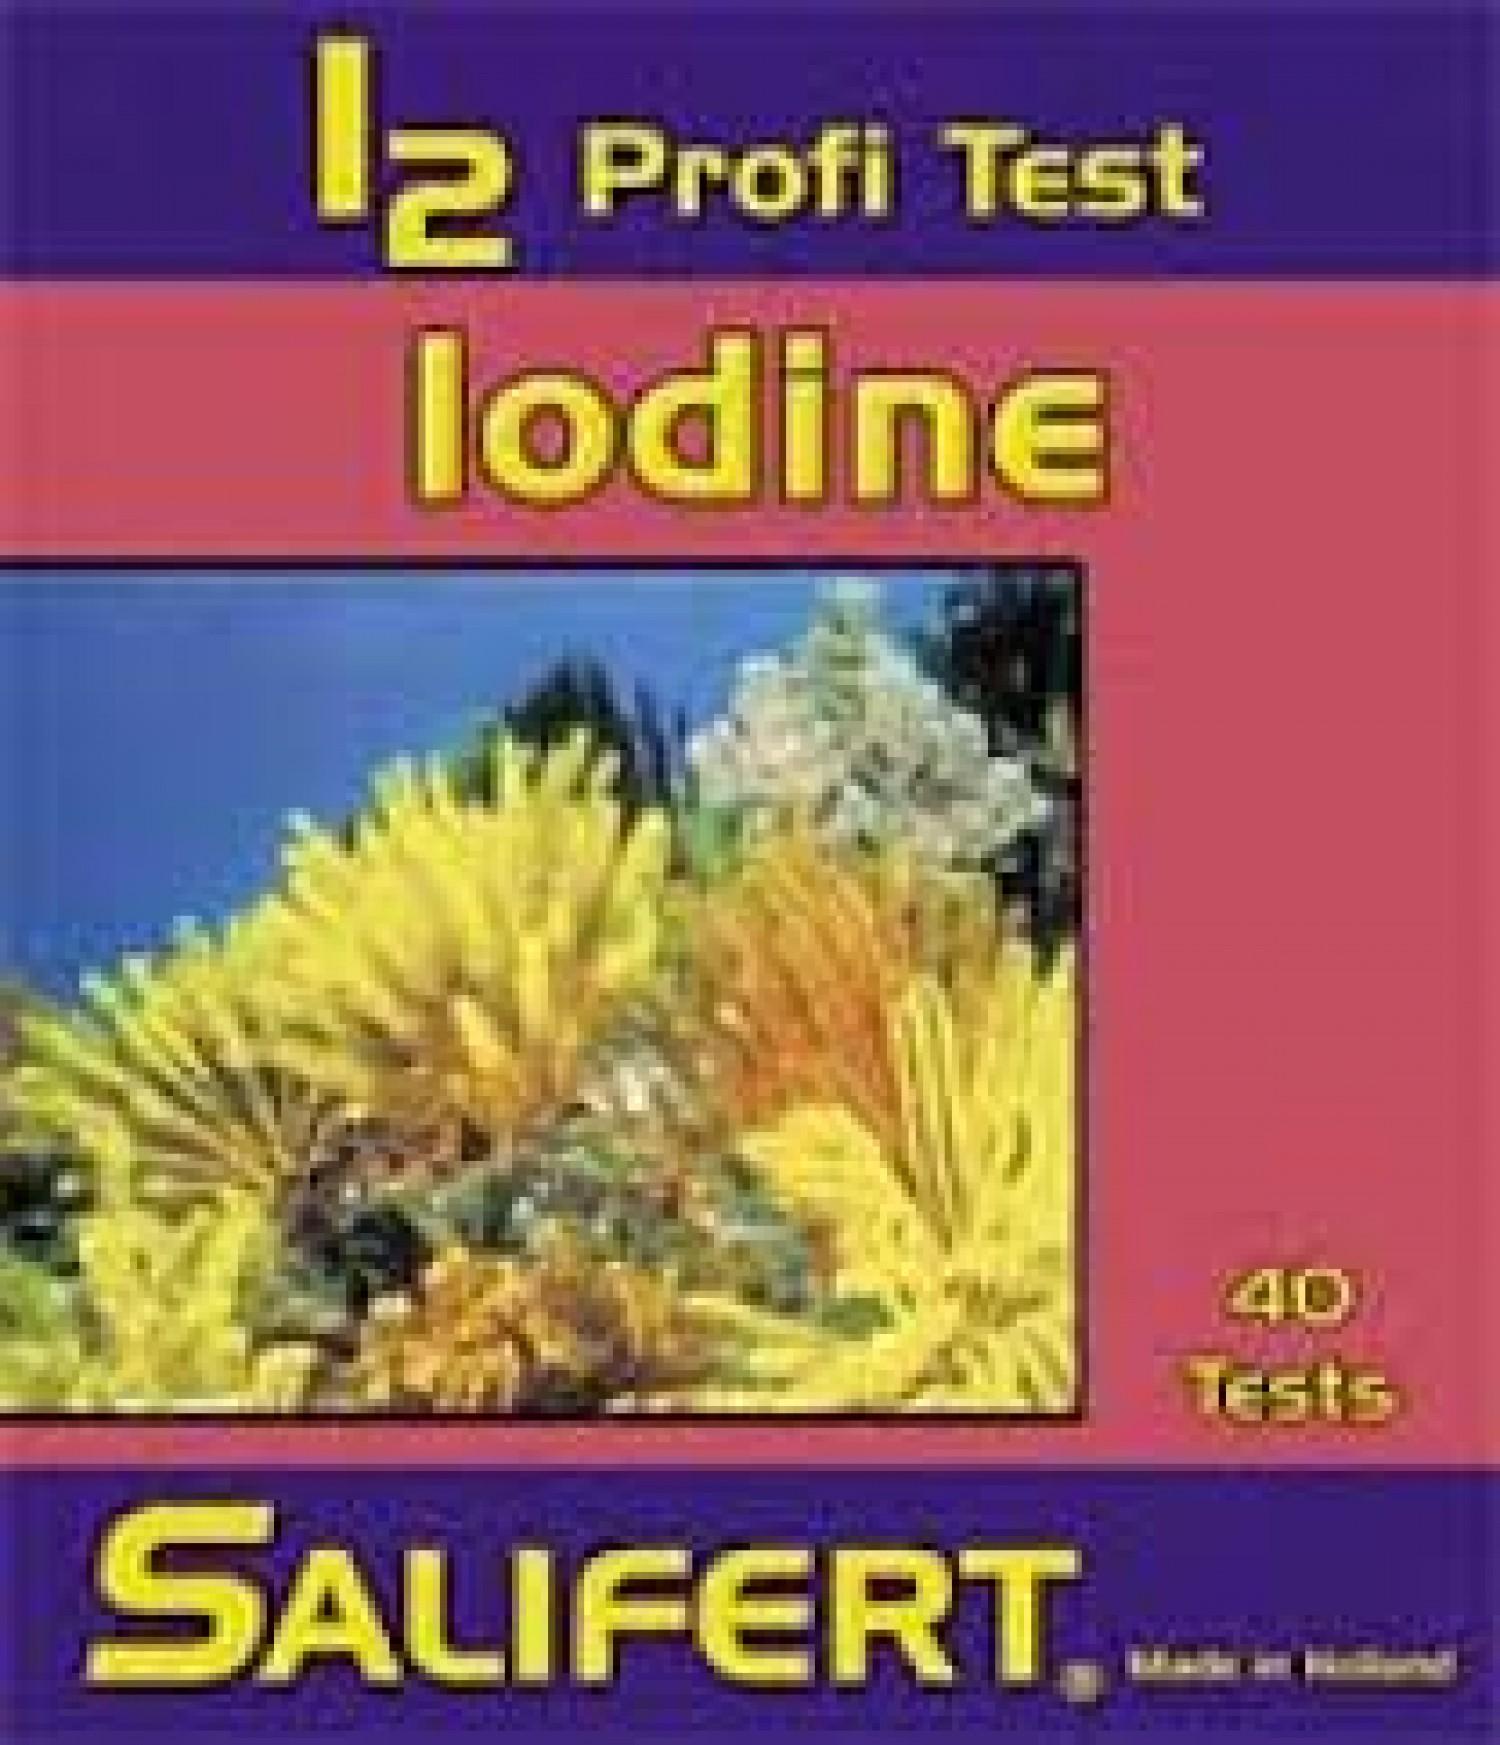 Тест Salifert Iodine Profi